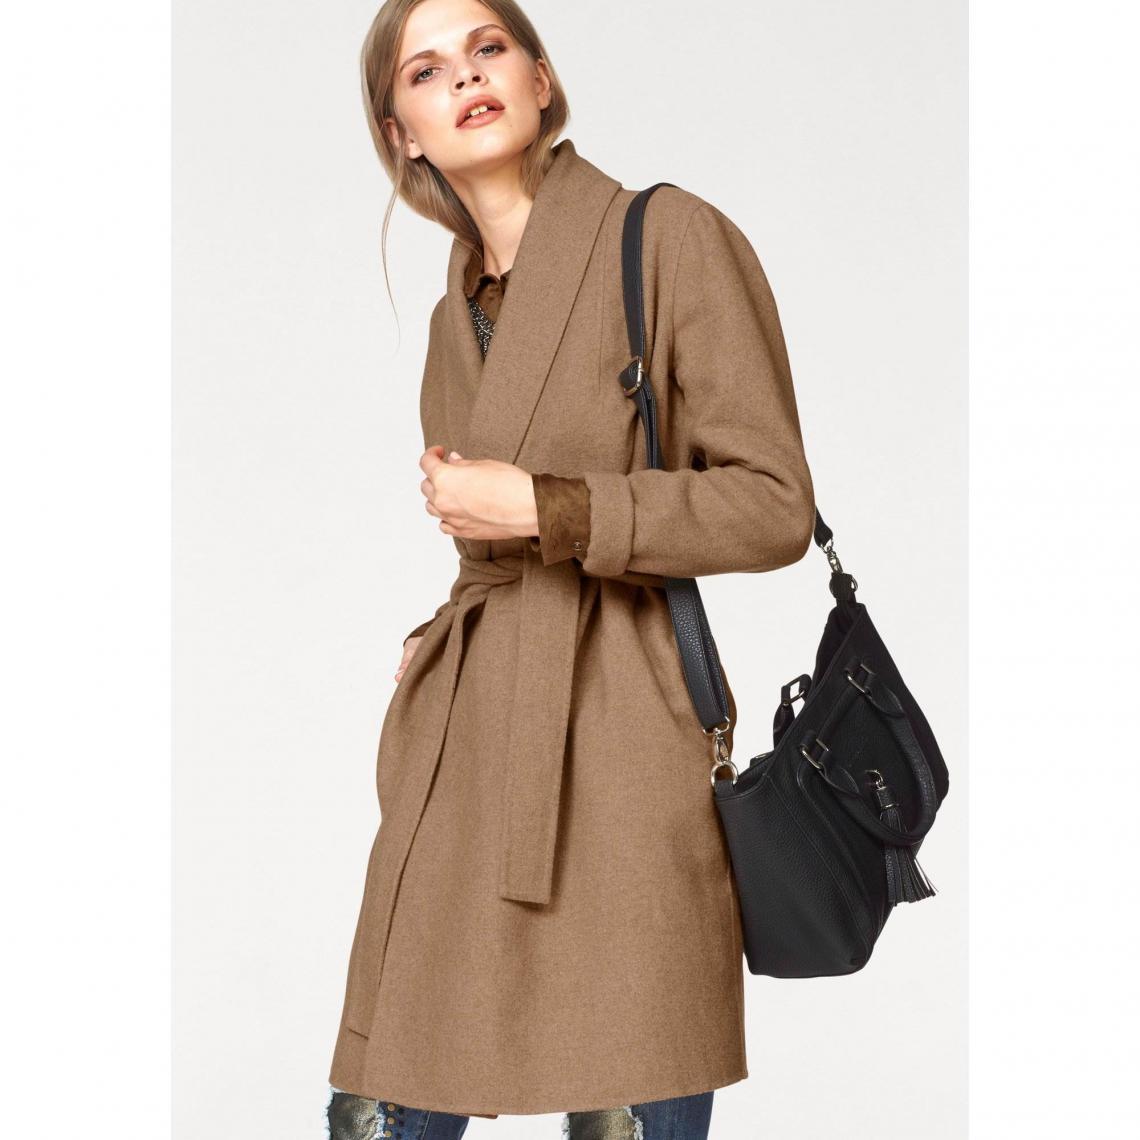 Manteau col châle femme Laura Scott Beige | 3 SUISSES